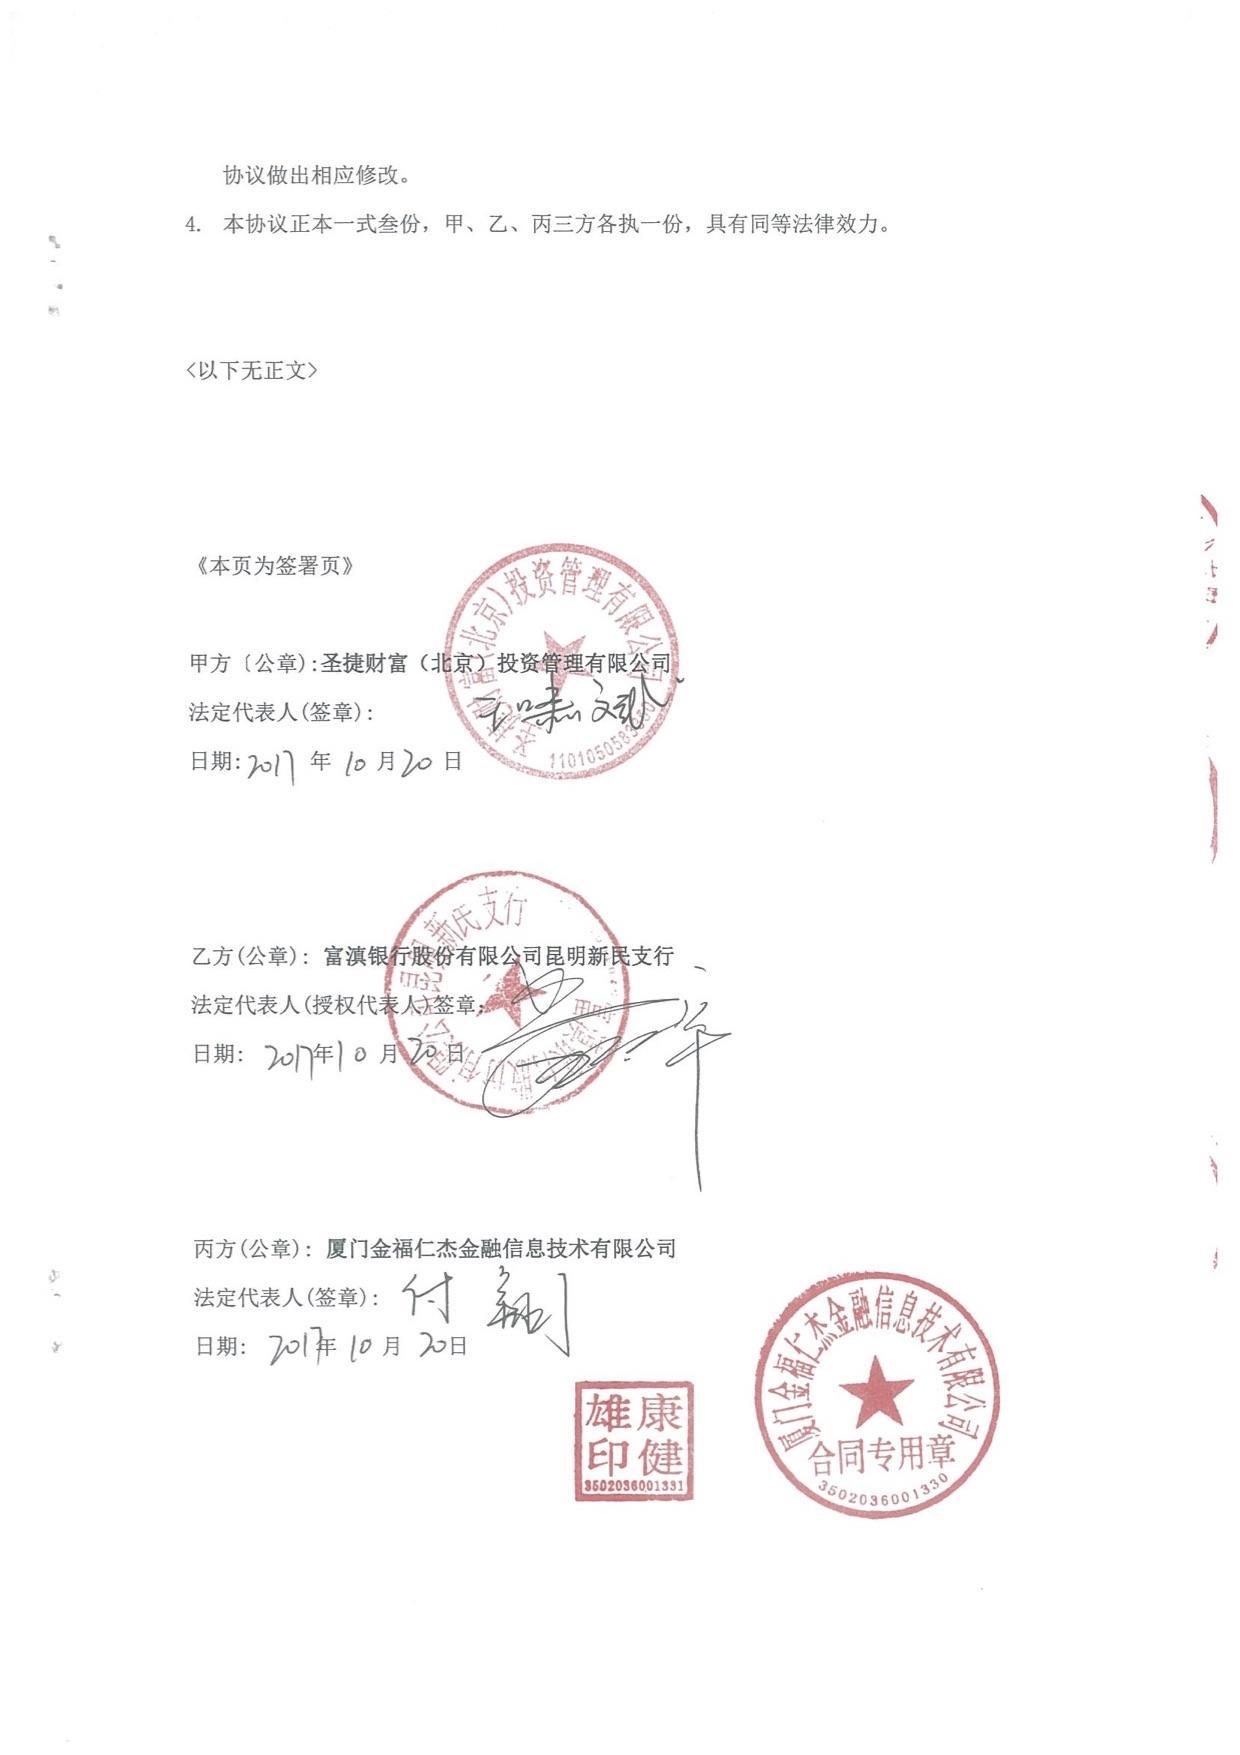 富滇银行存管协议尾页.jpg